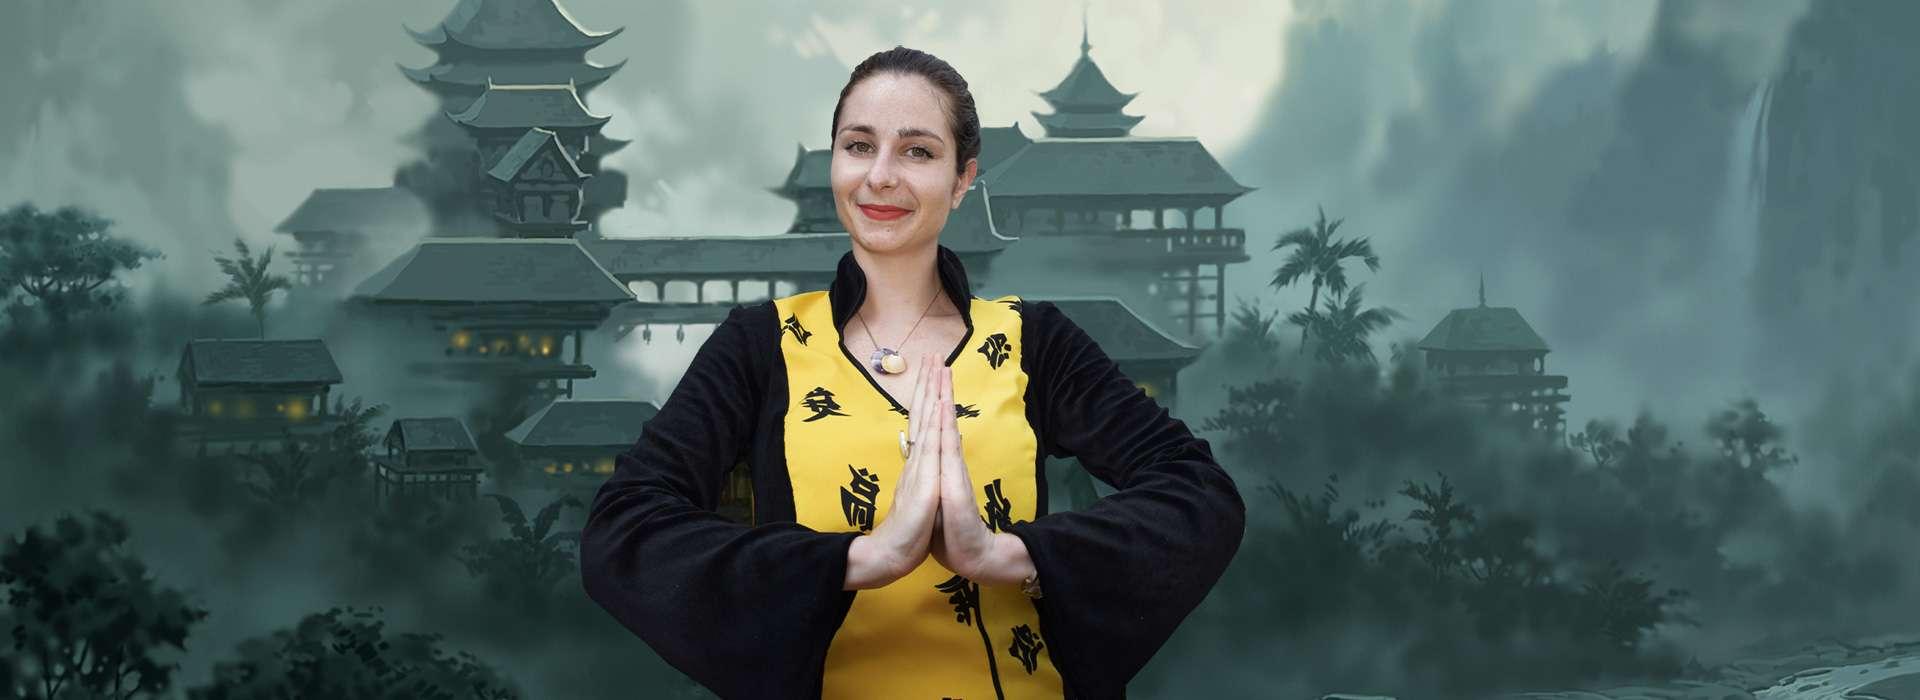 Slider d'images de l'animation La petite chinoise